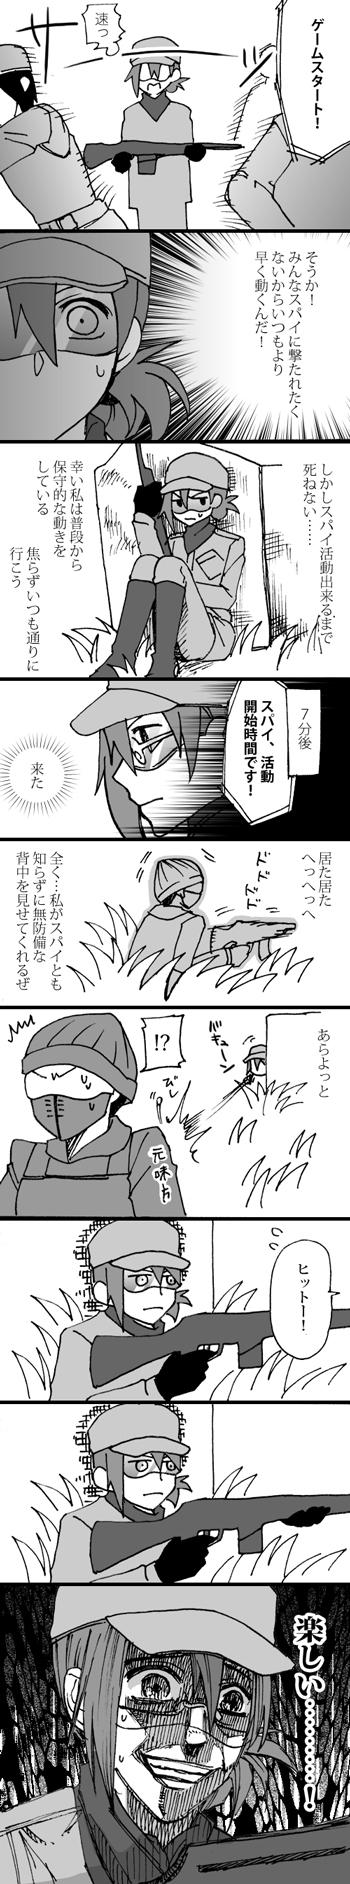 スパイ戦2